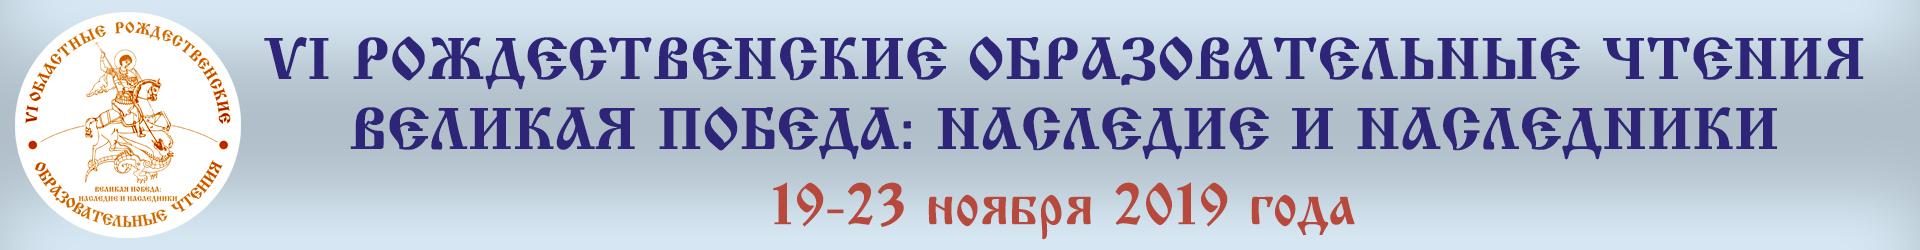 Русская классическая школа как альтернатива представлена на секции «Другая школа»